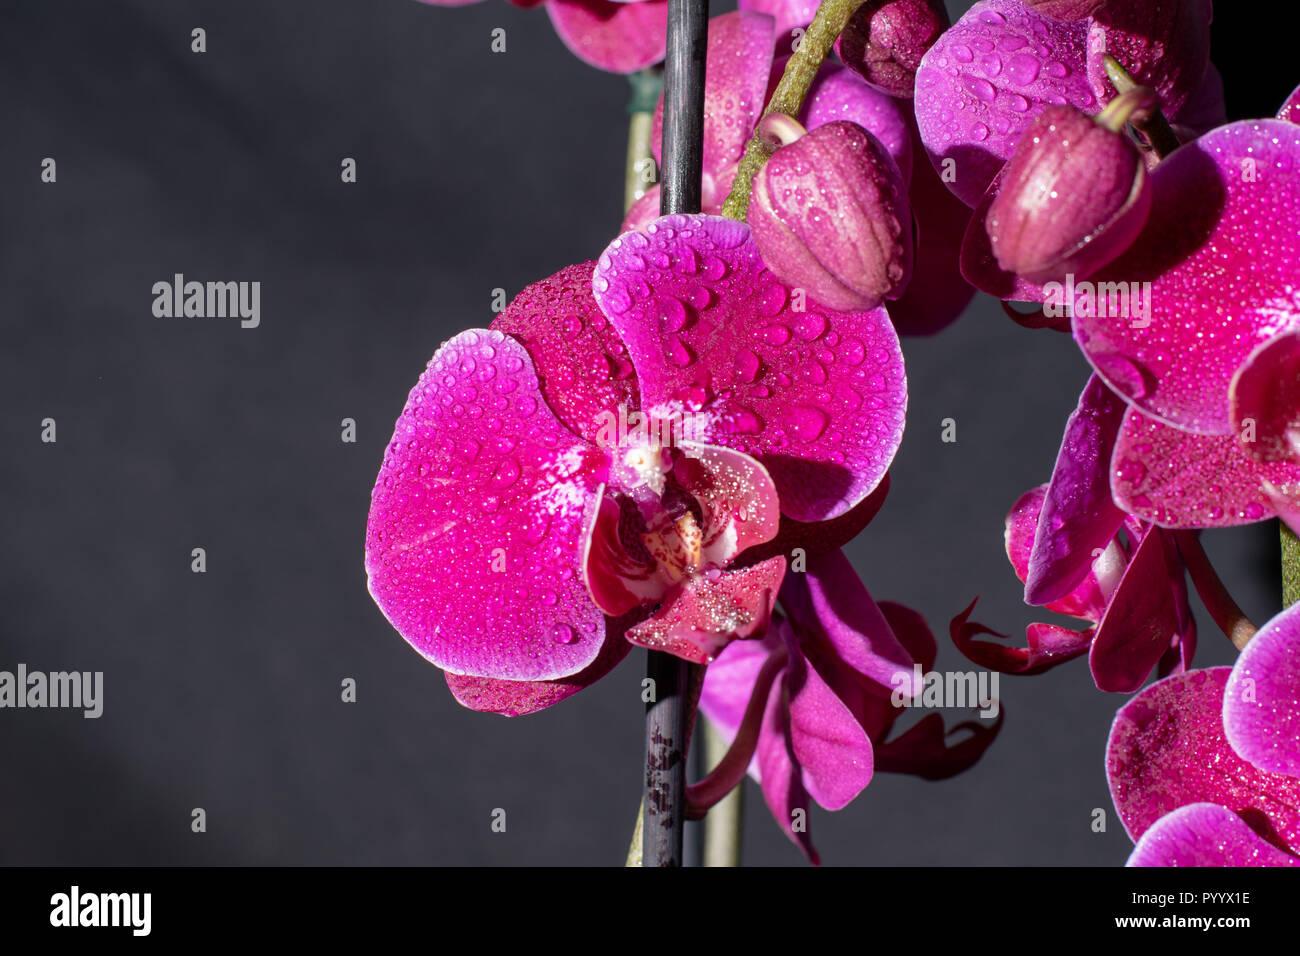 Wasserperlen Für Orchideen Orchidee In Wasserperlen 2019 01 10